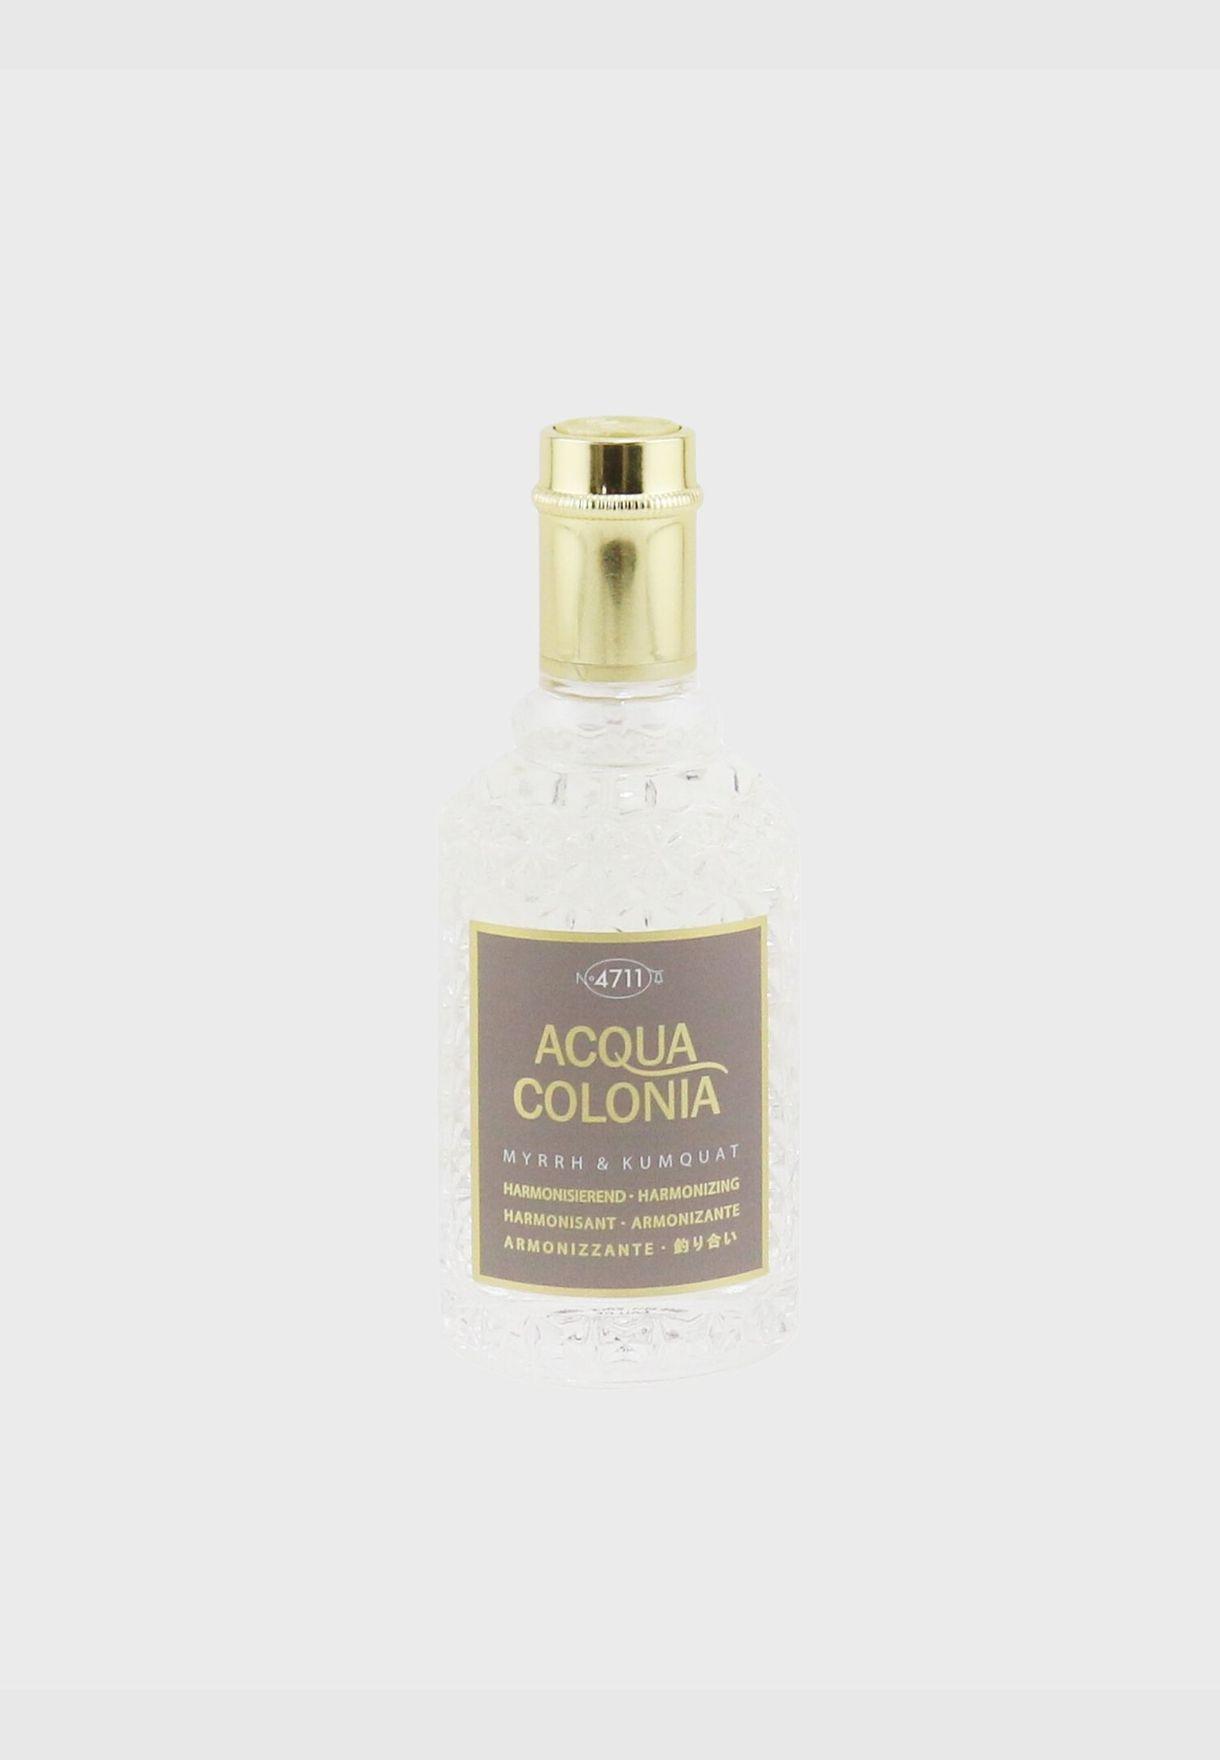 Acqua Colonia Myrrh & Kumquat ماء كولونيا سبراي